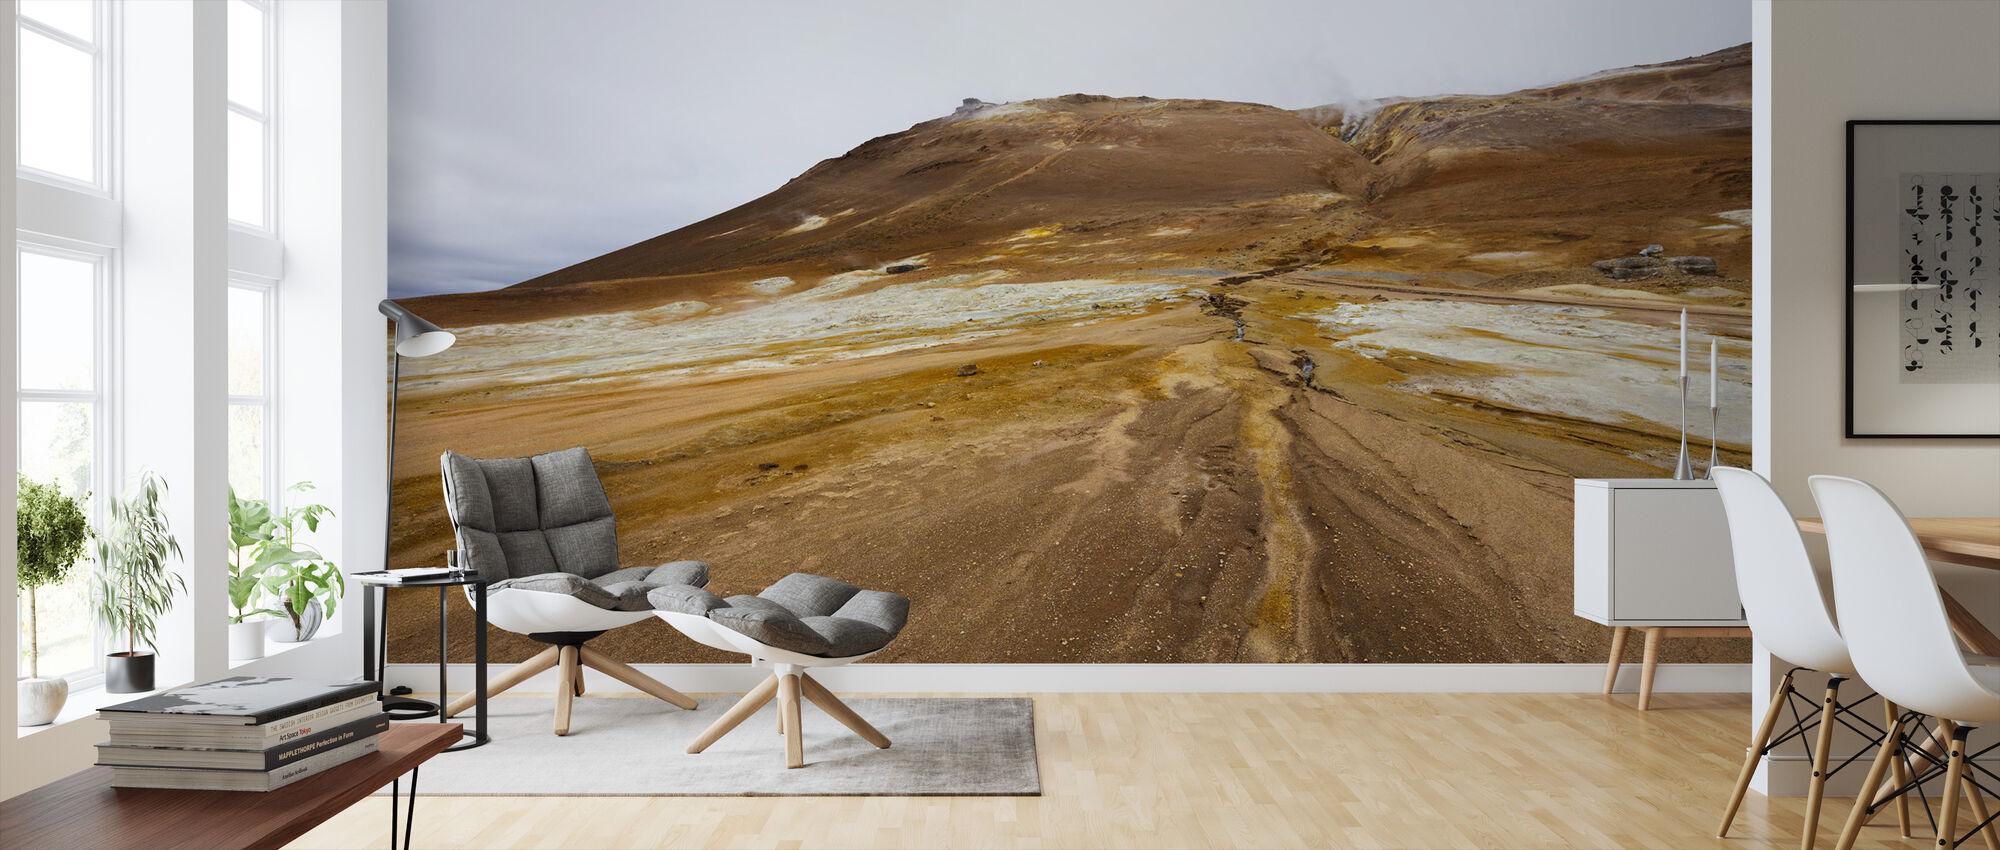 Mineral Landscape - Wallpaper - Living Room